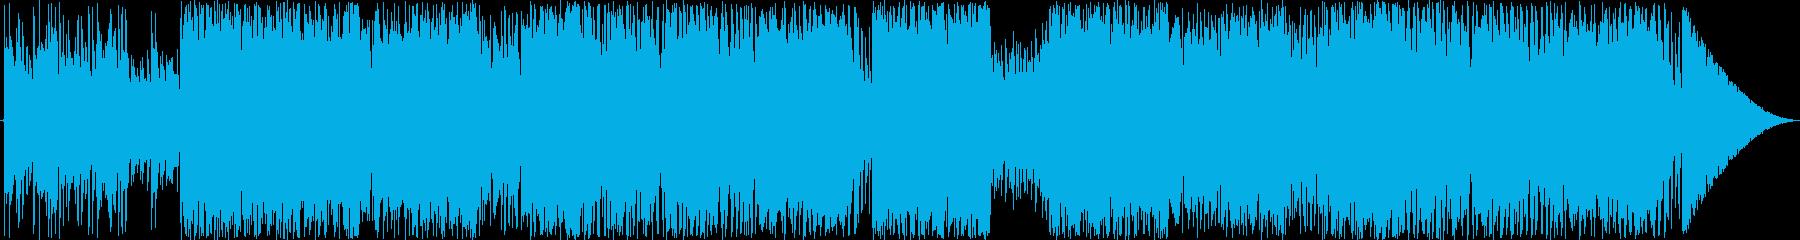 ロック(洋館・ゴシック・推理)の再生済みの波形